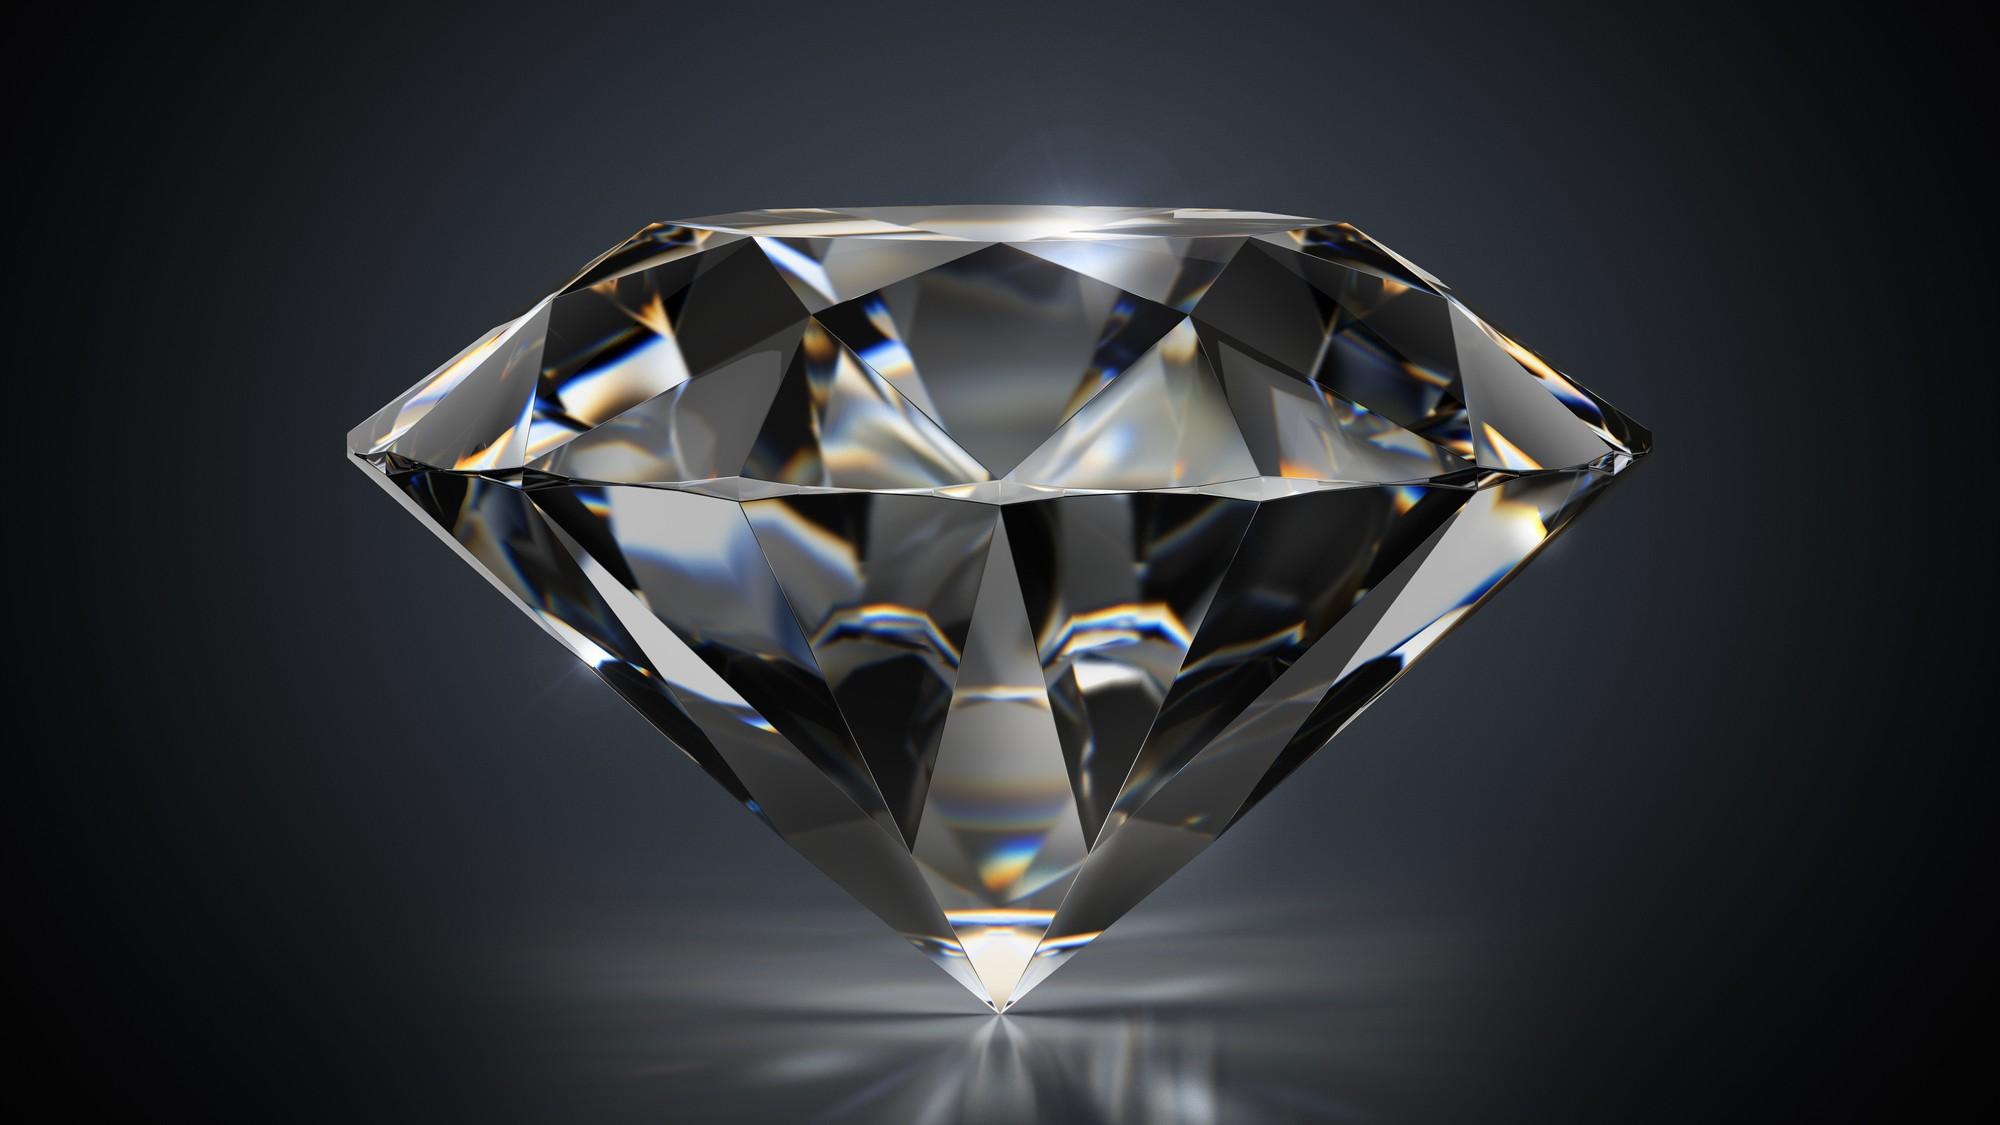 金は有名だが…資産防衛の手段として「ダイヤモンド」はどう?